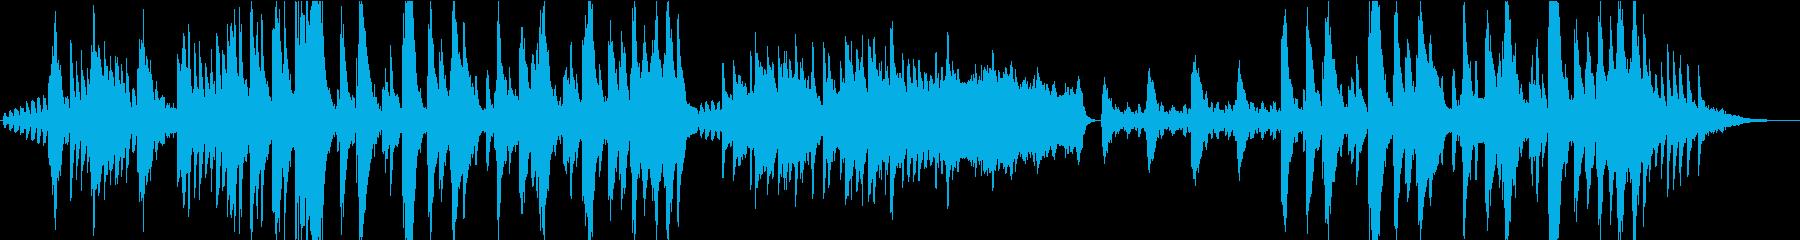 サスペンスなどのシリアスなシーンにの再生済みの波形